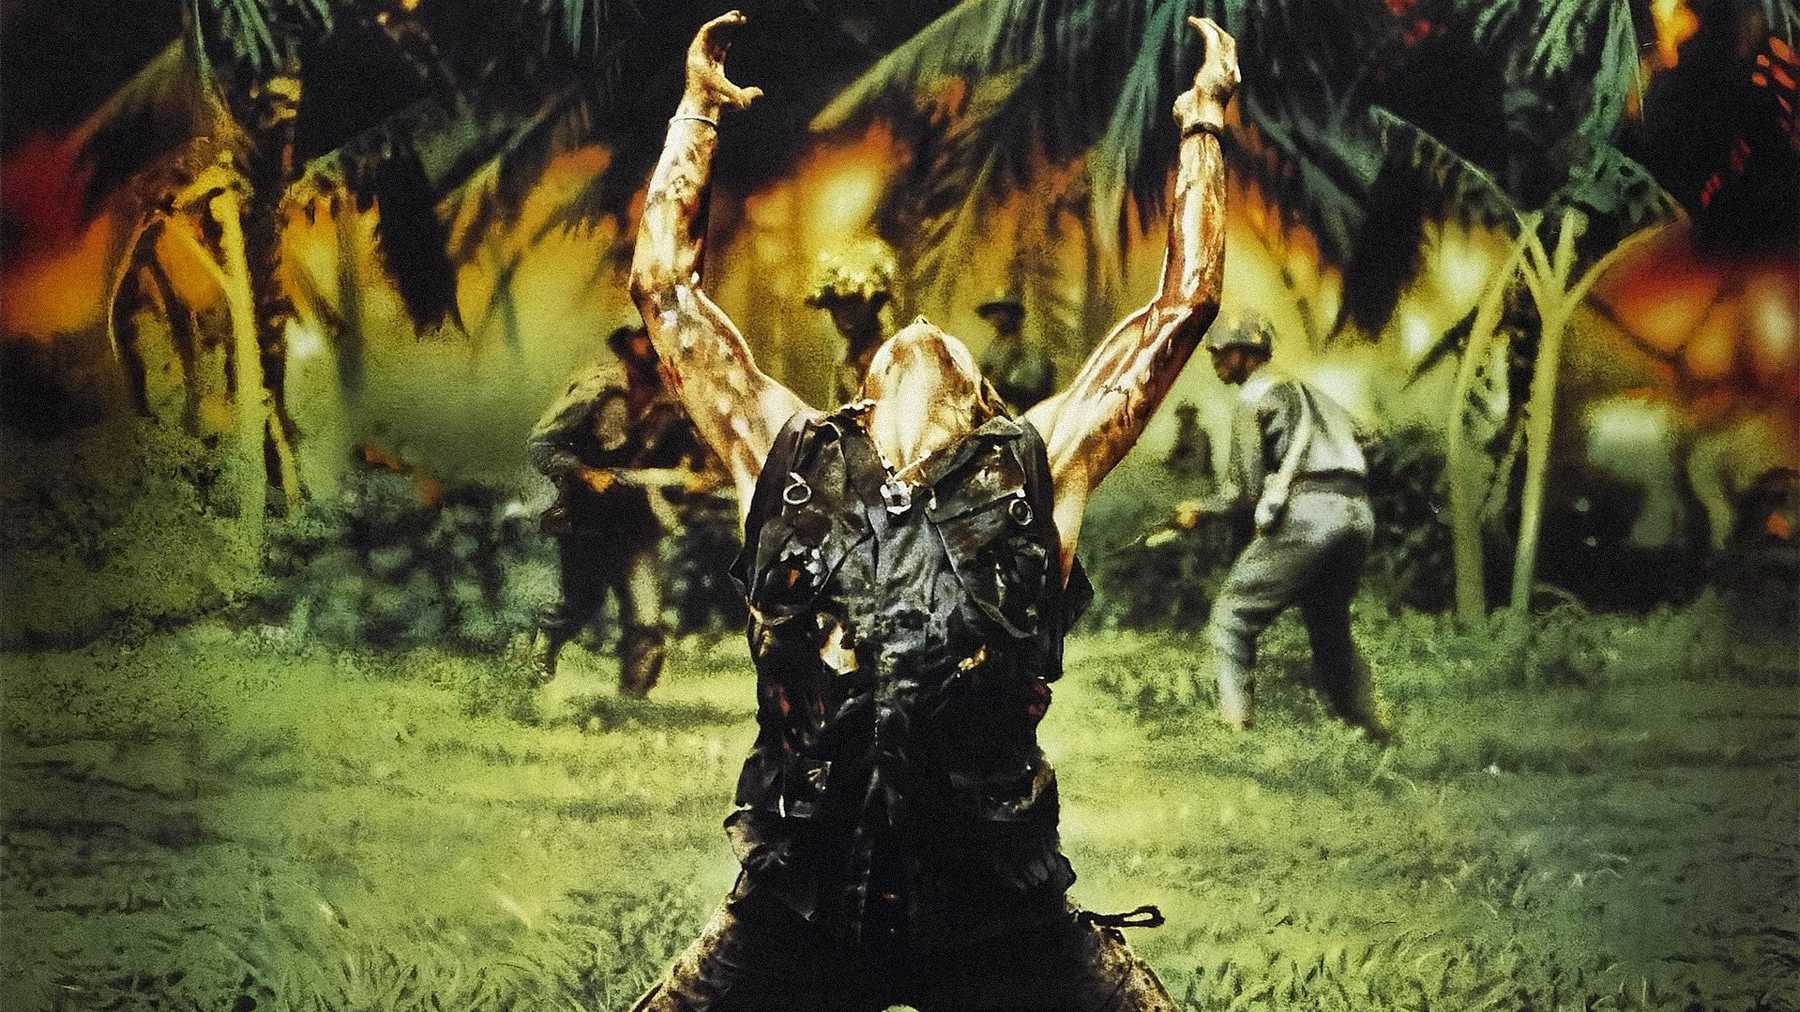 Buon compleanno Willem Dafoe: i suoi migliori film